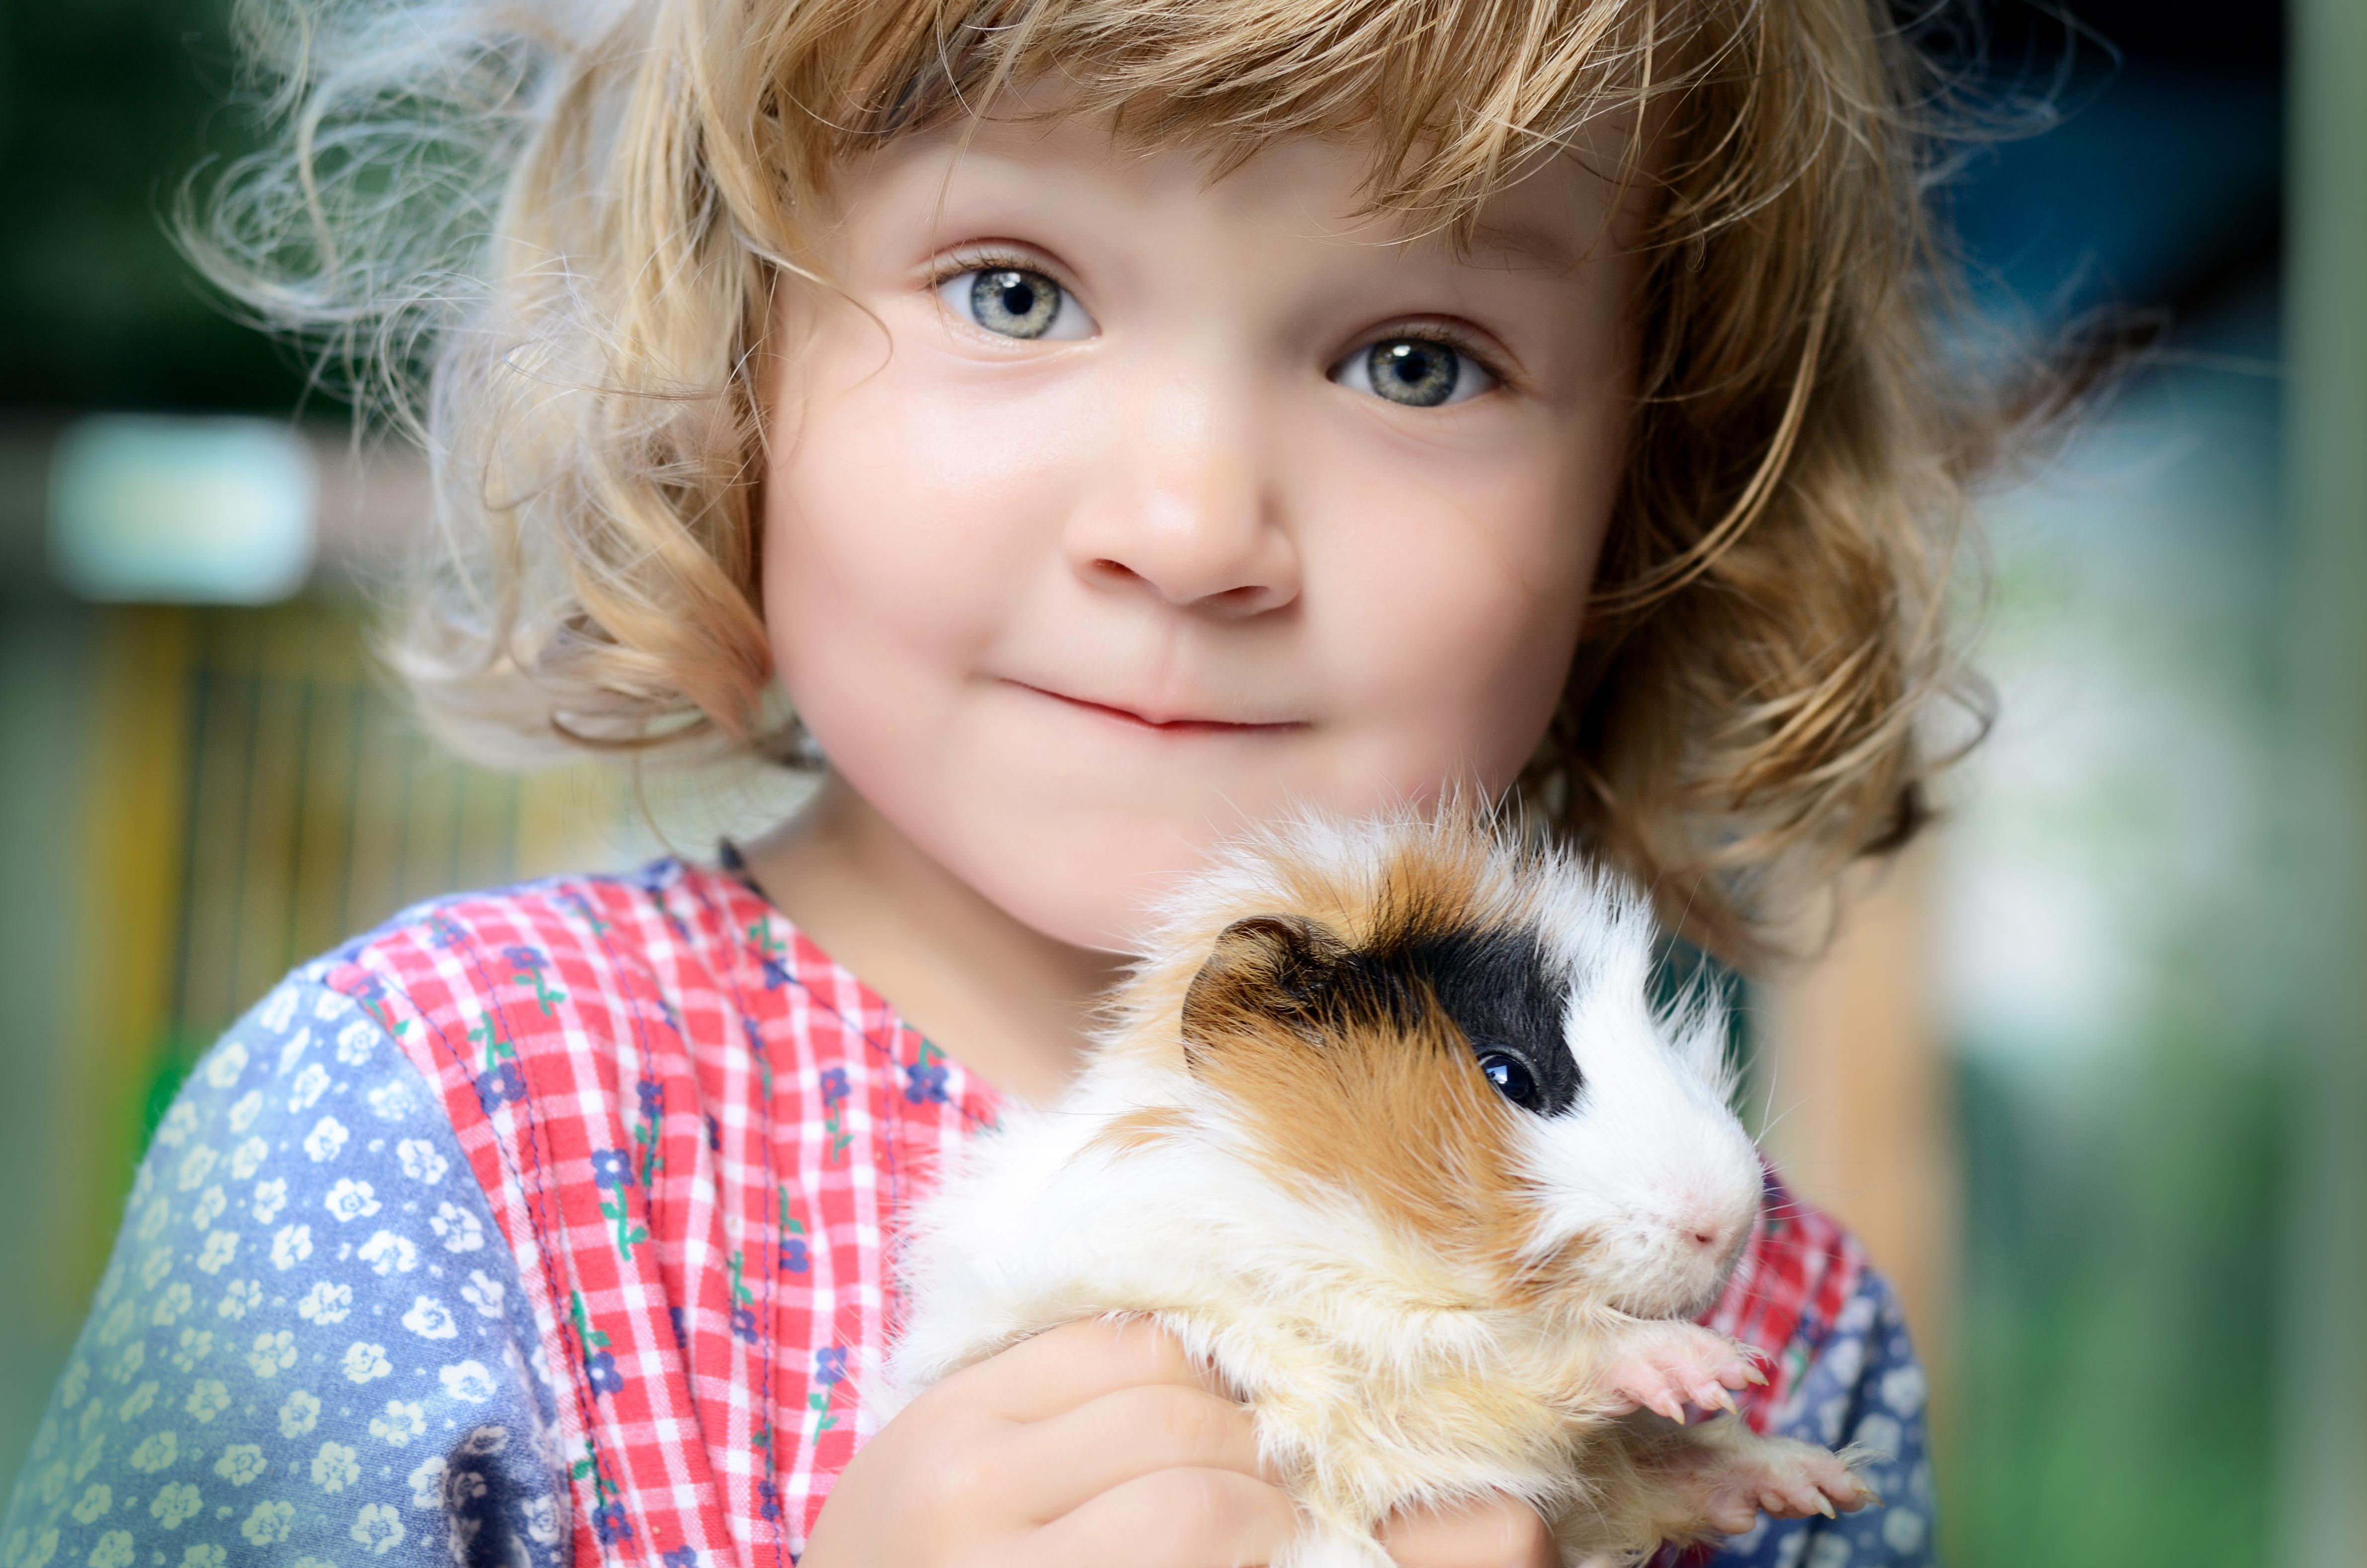 En enkel anledning till den positiva inverkan husdjur har på oss människor är att kontakten med husdjur inte kräver särskilt mycket från oss människor.